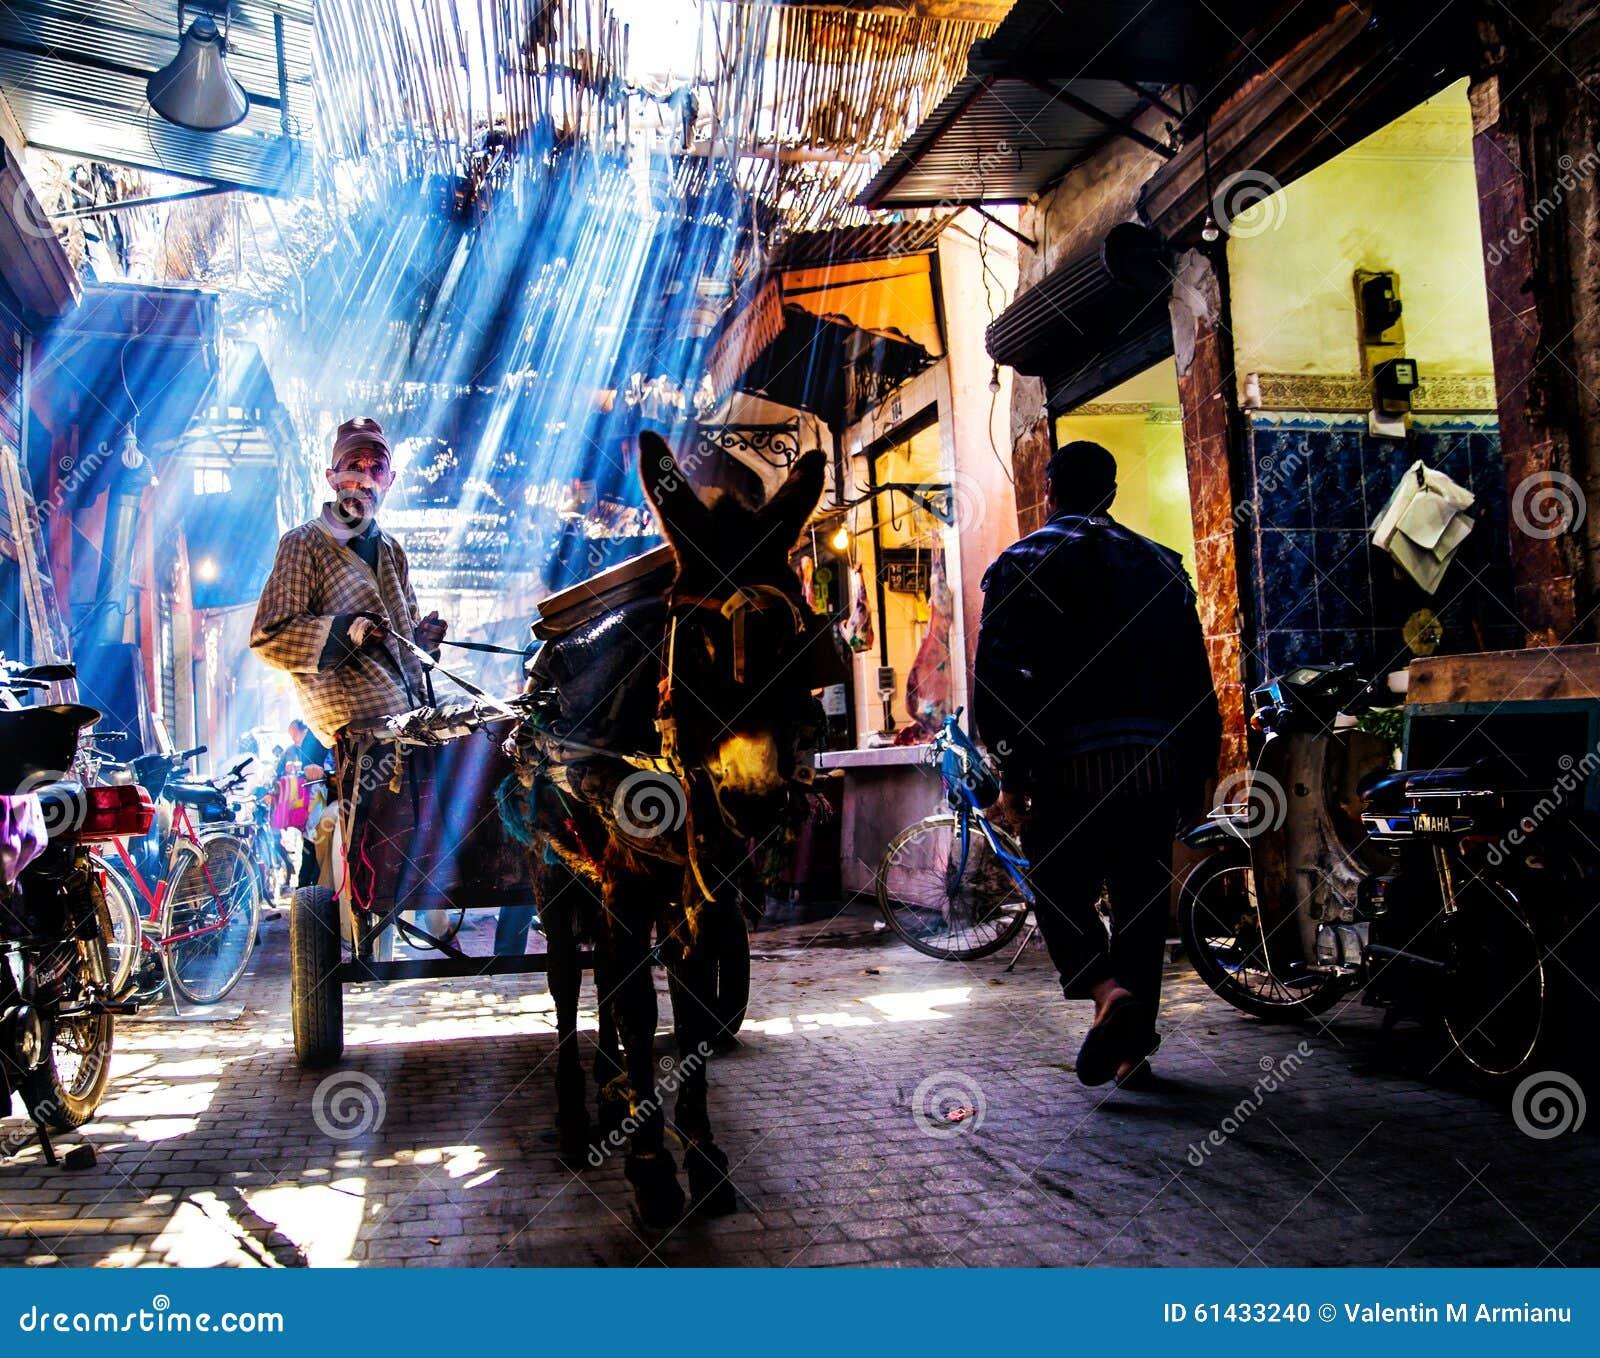 Street in Marrakech